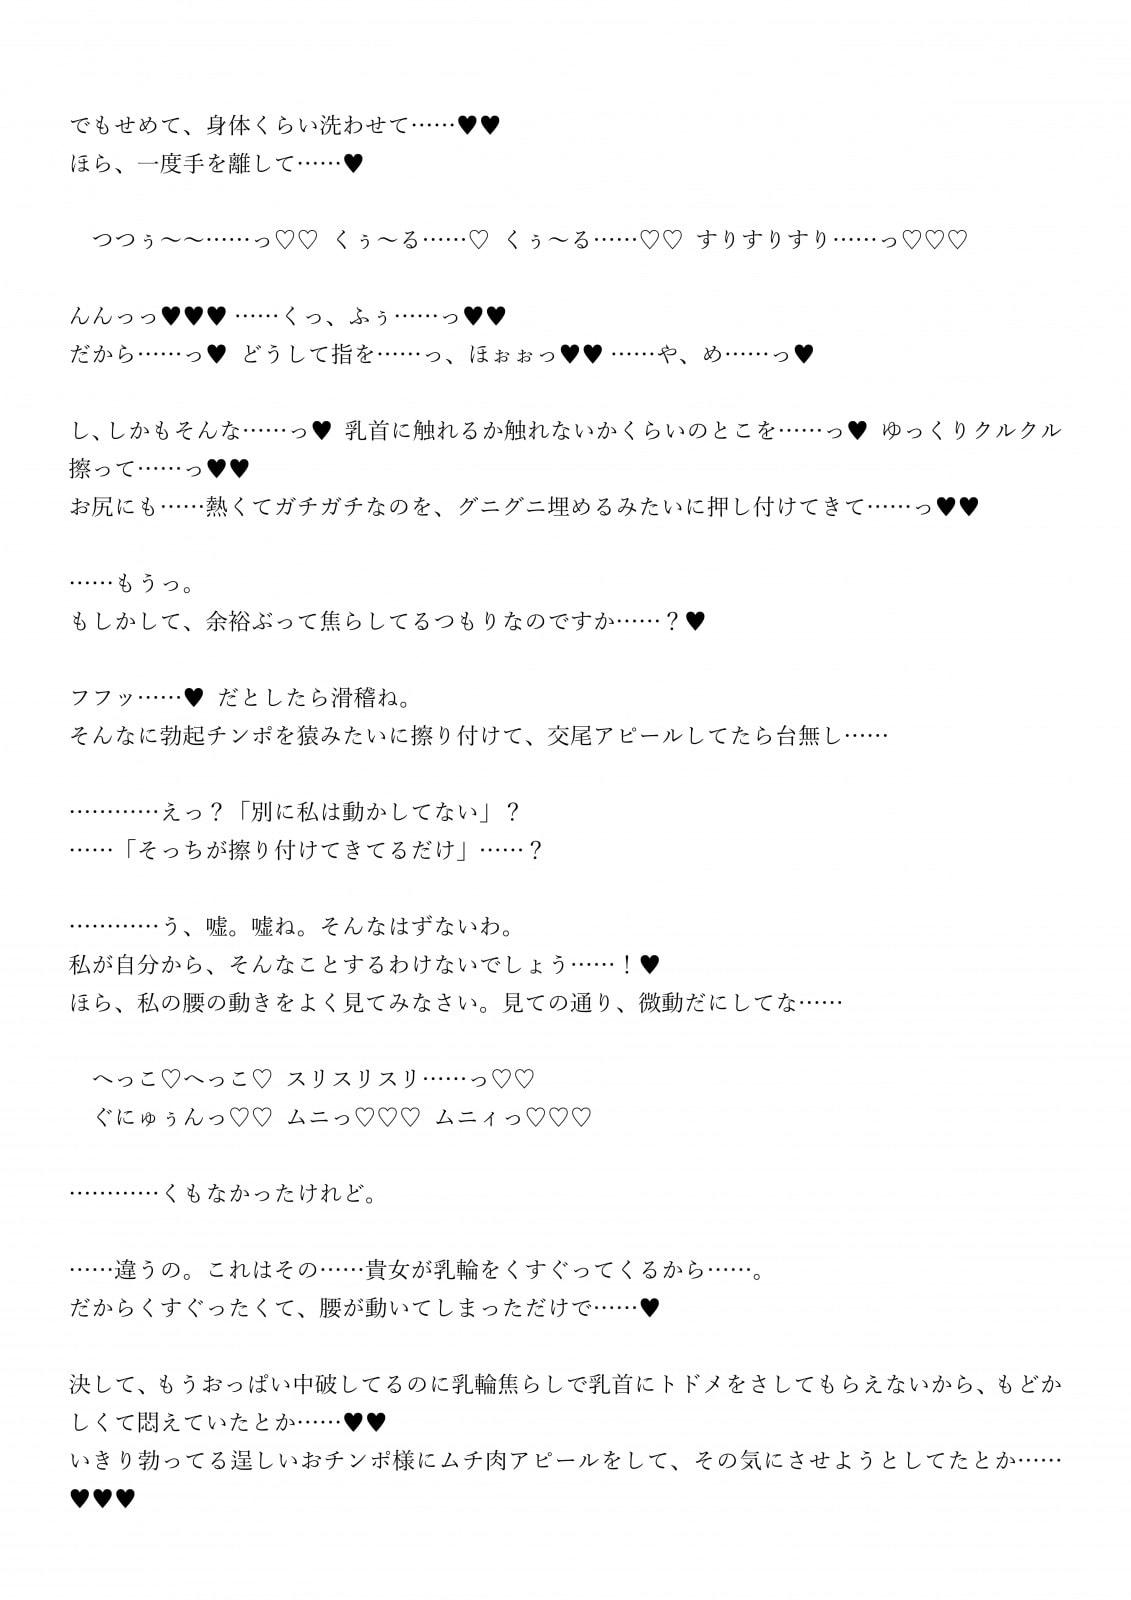 加賀さんはふたなり不貞ちんぽとリベンジ慰安旅行しちゃうようです (ジョニー三号) DLsite提供:同人作品 – ノベル